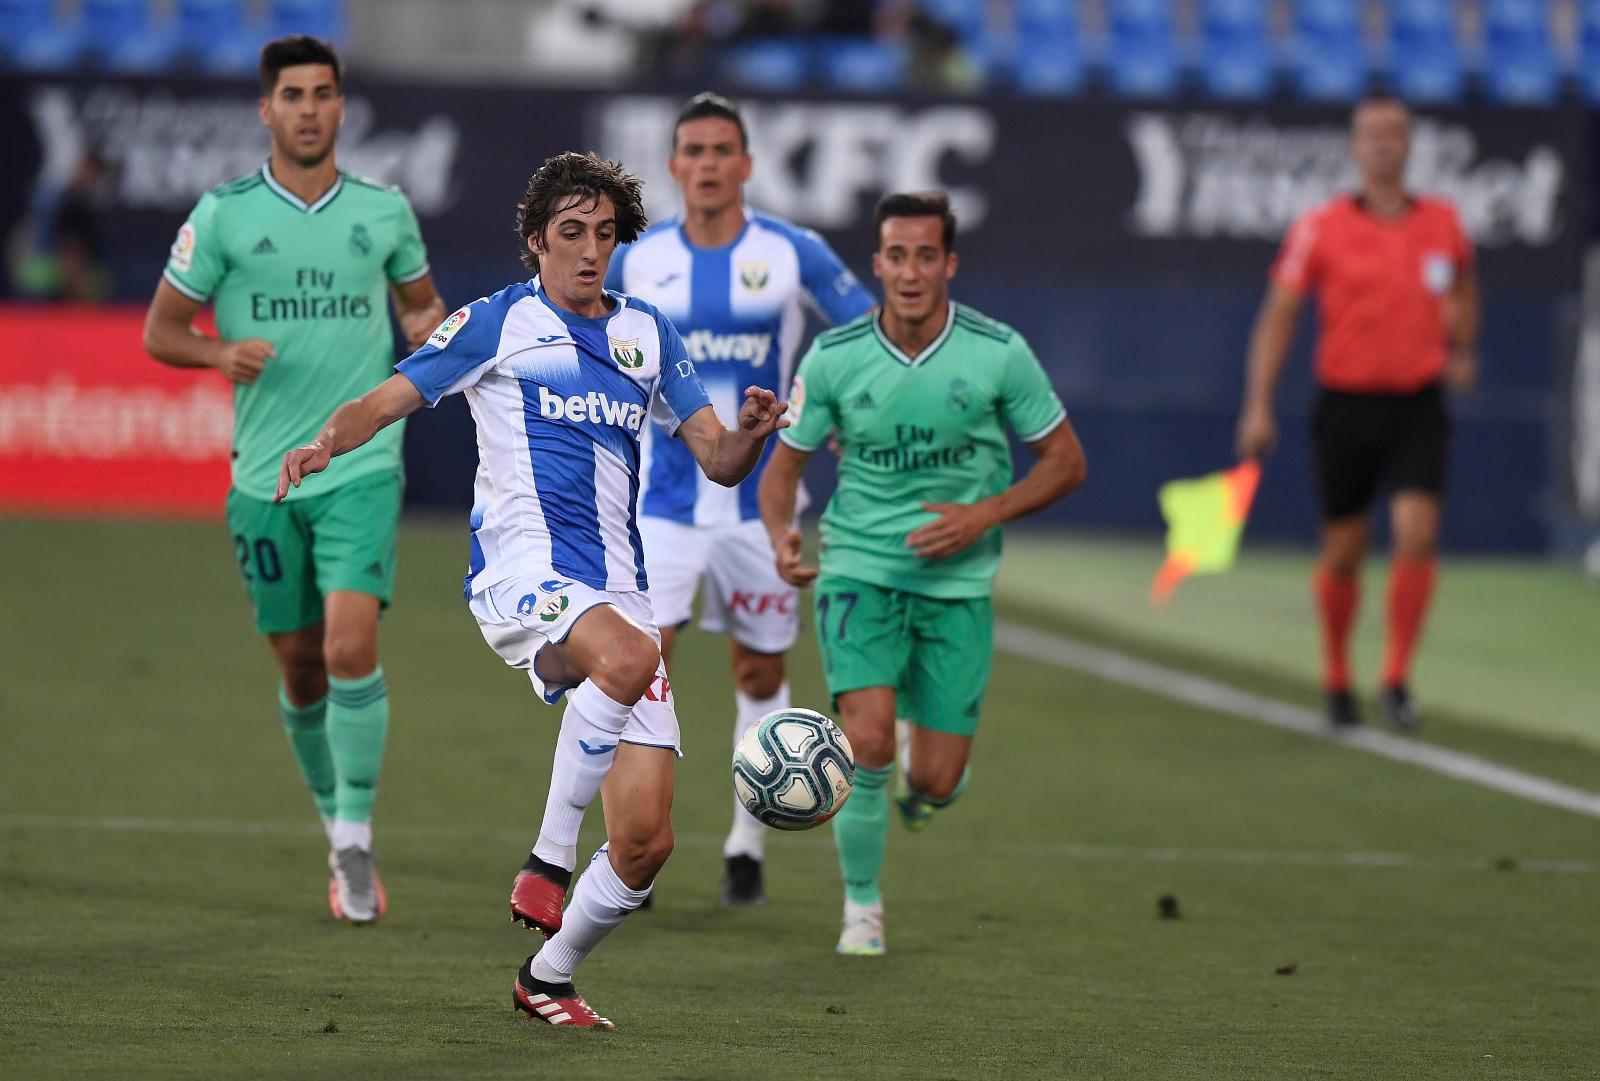 Leganés empató con Real Madrid. Foto: Leganés